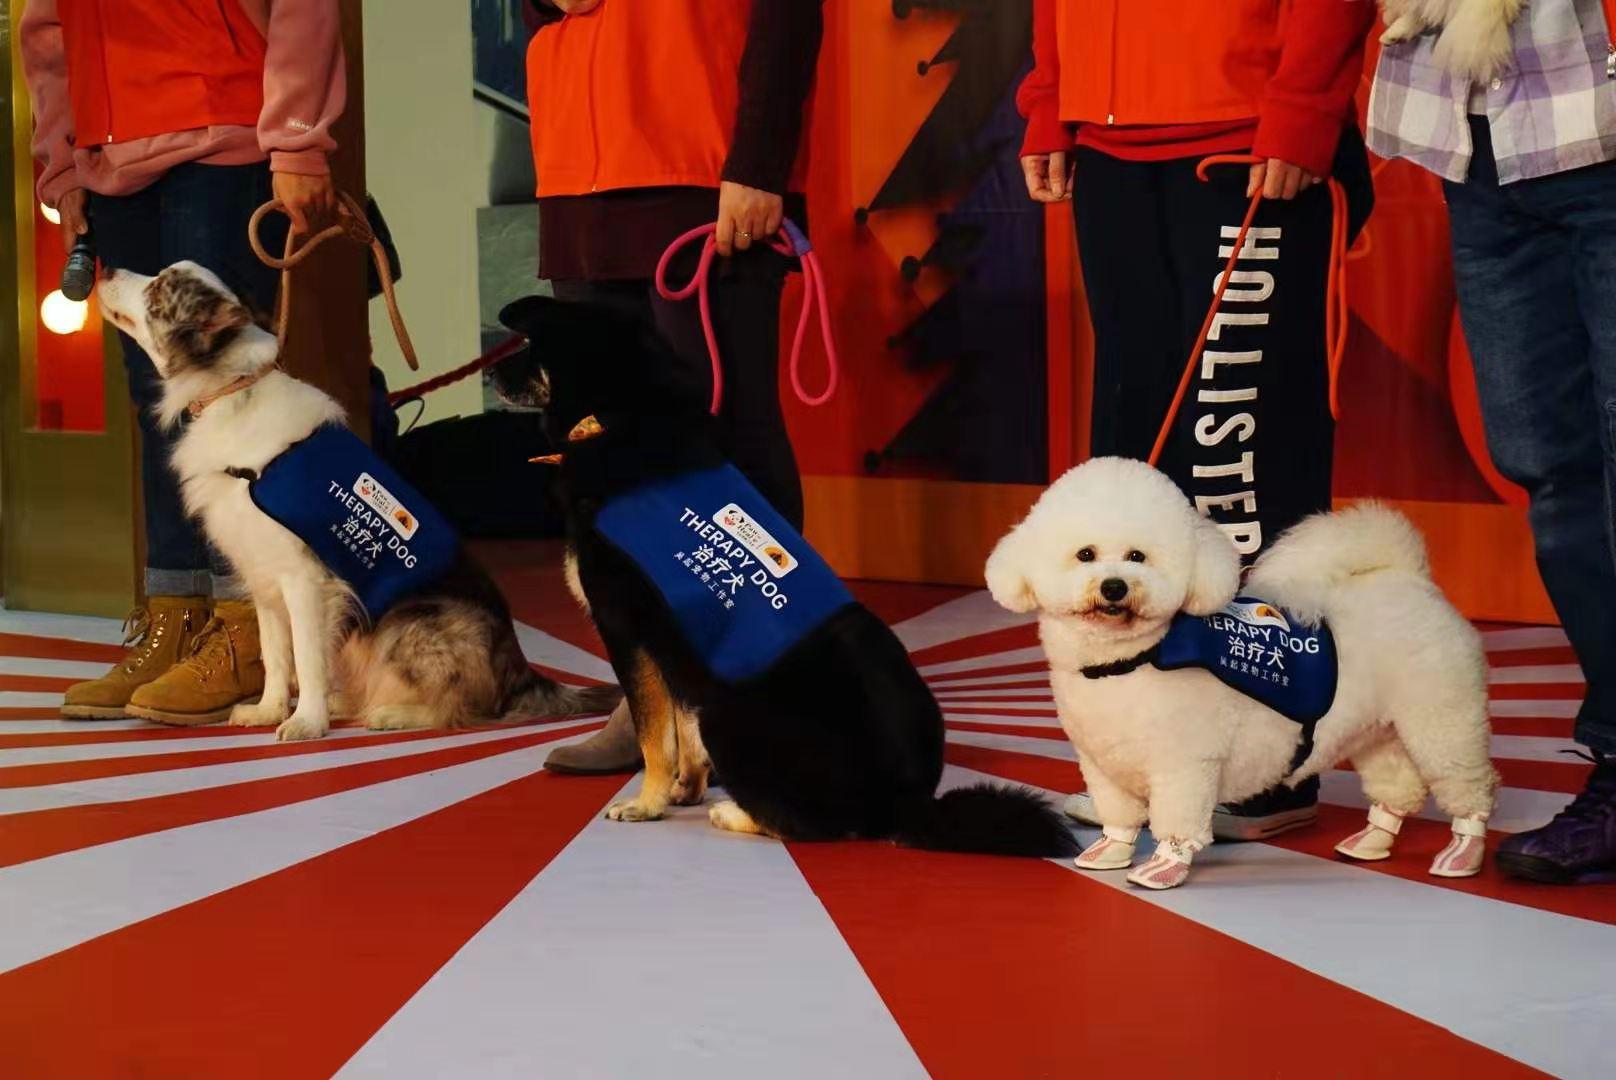 PUPPY SALON现身上海万象城,助力治疗犬学员招募